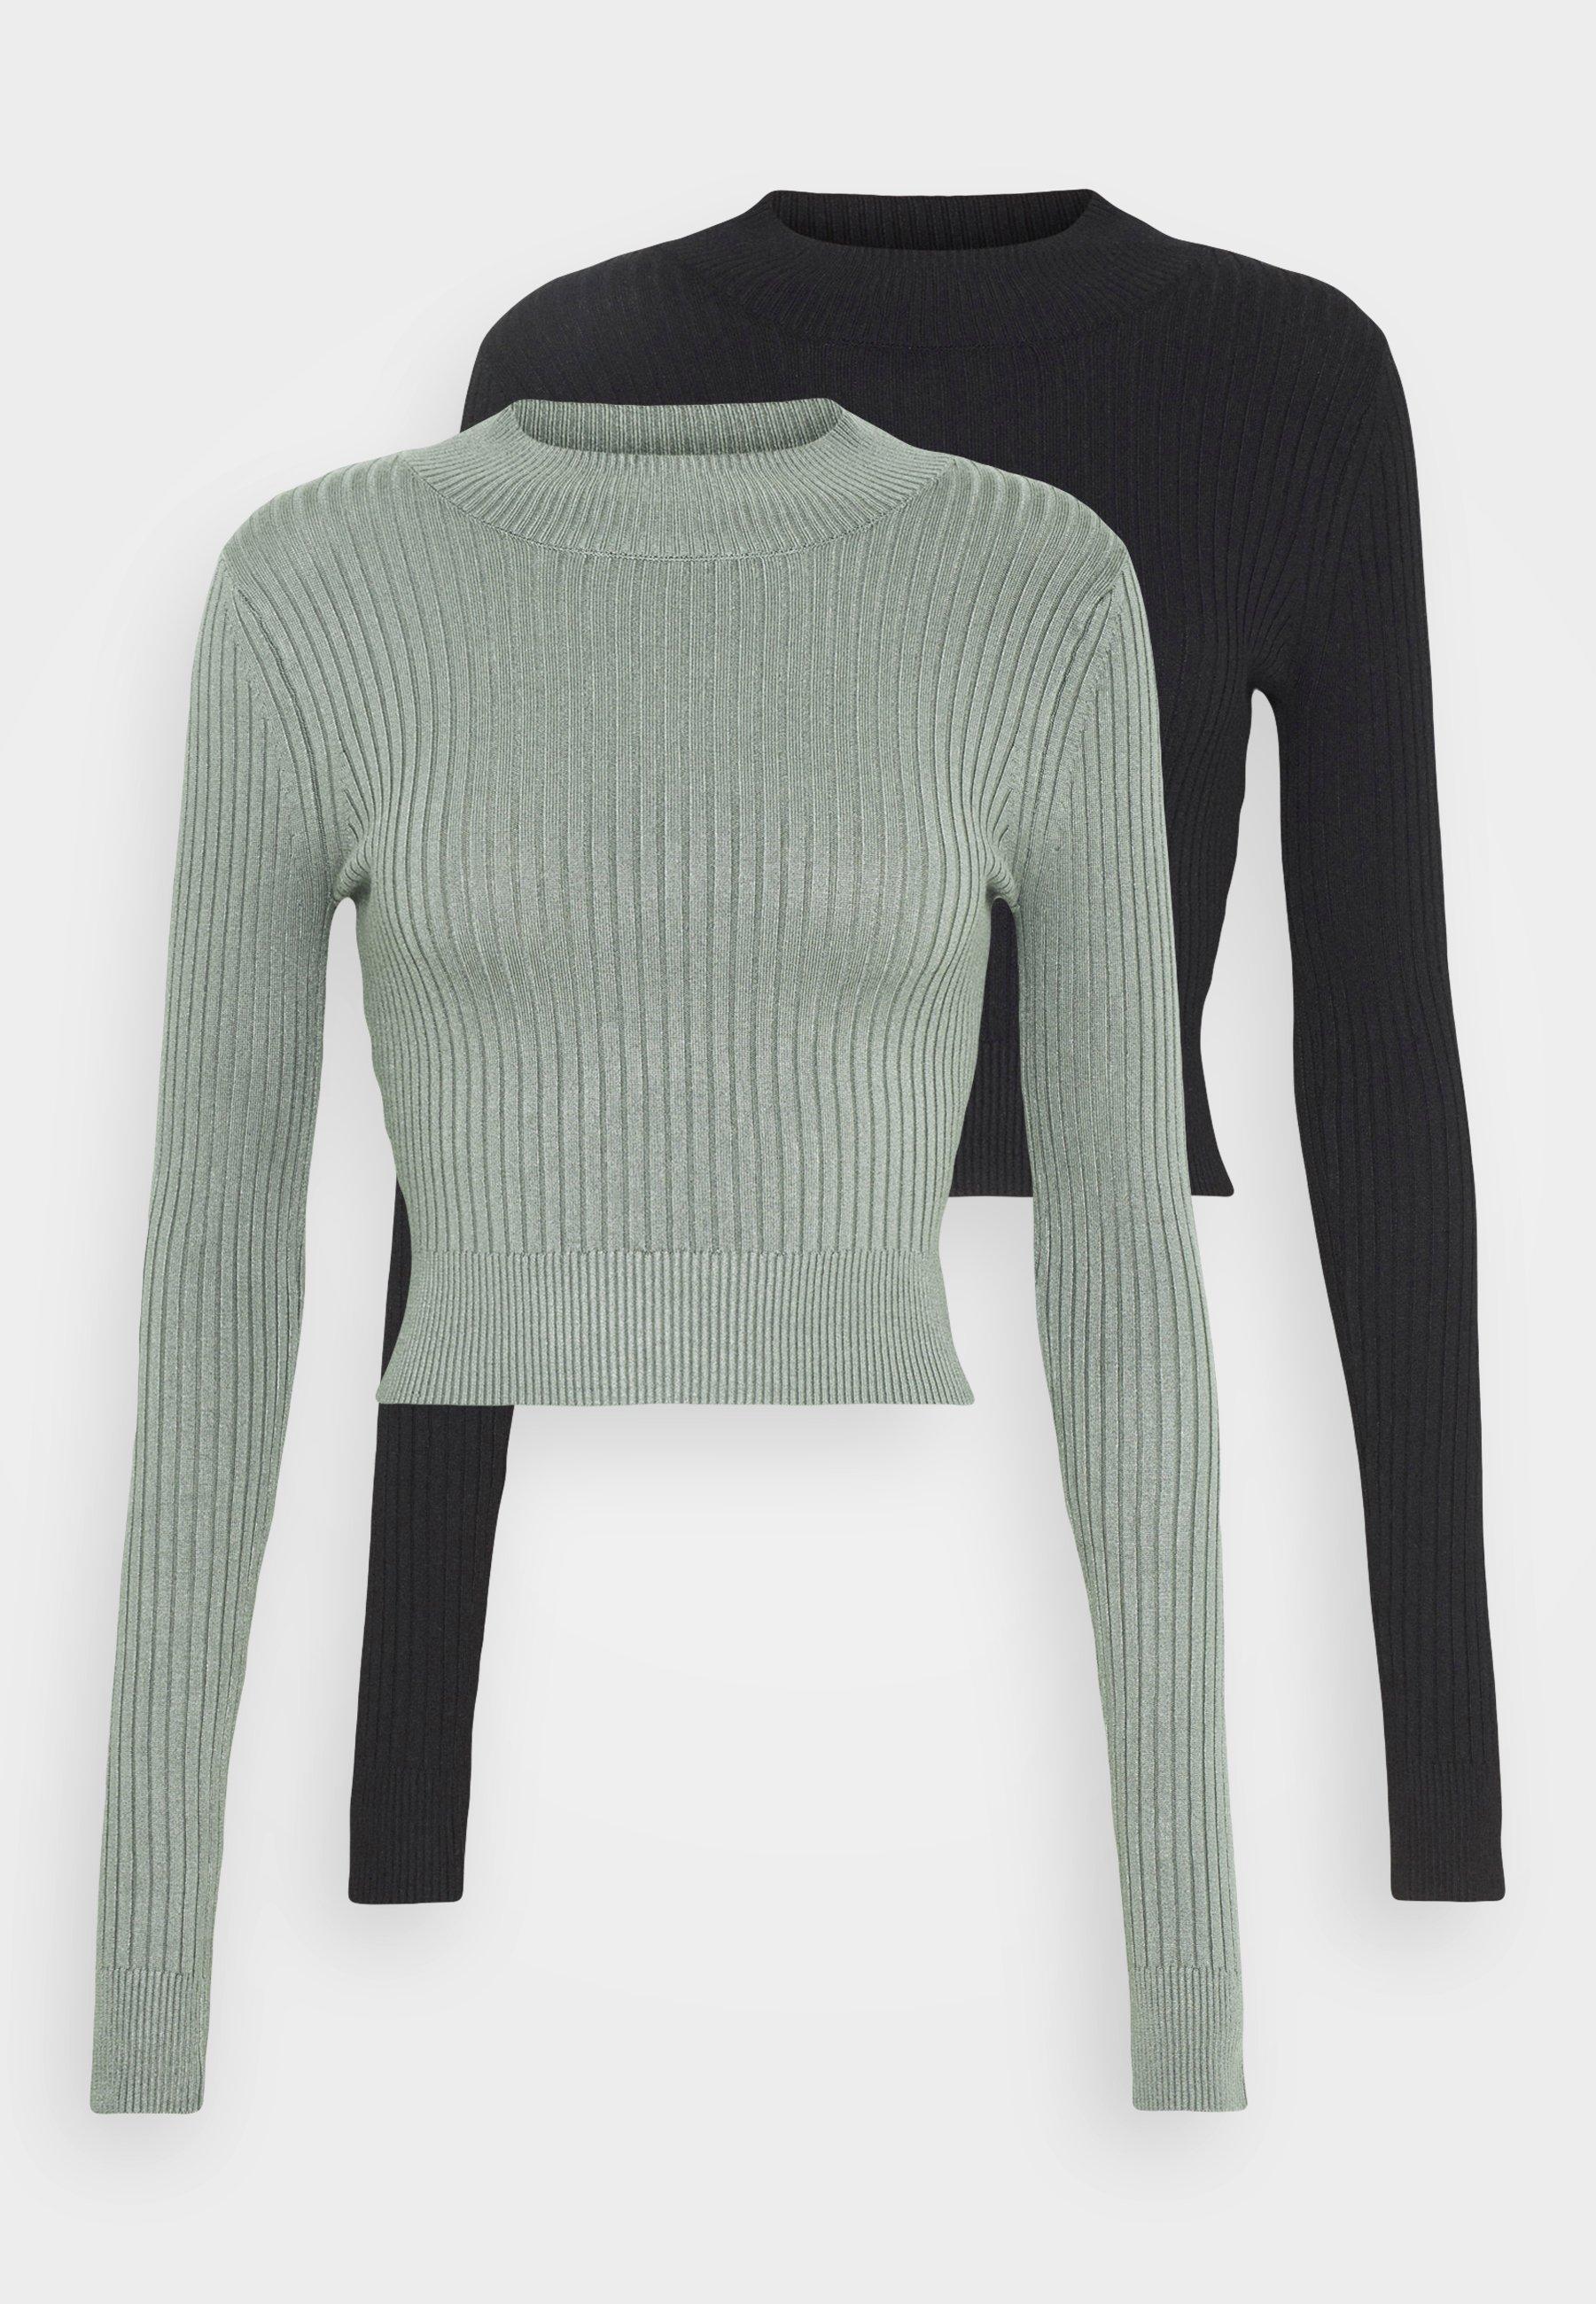 Olivgröna Kläder online | Köp dina kläder på Zalando.se